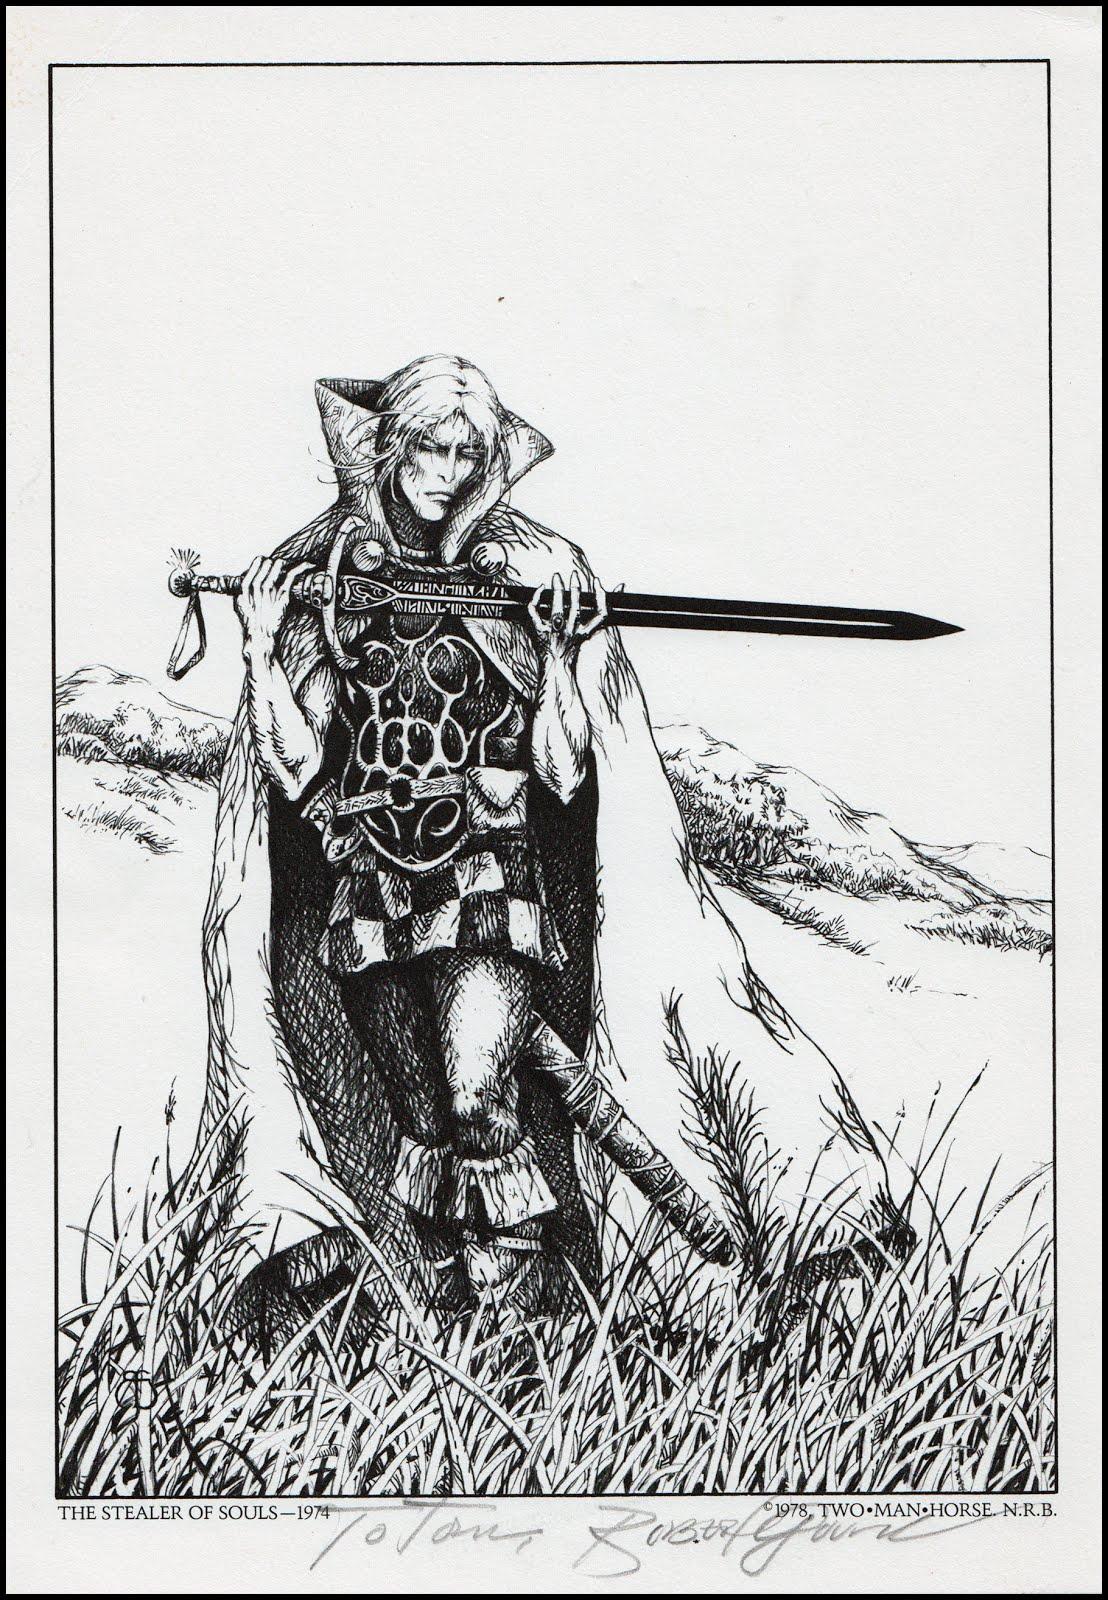 Fantasy Ink: The Stealer of Souls